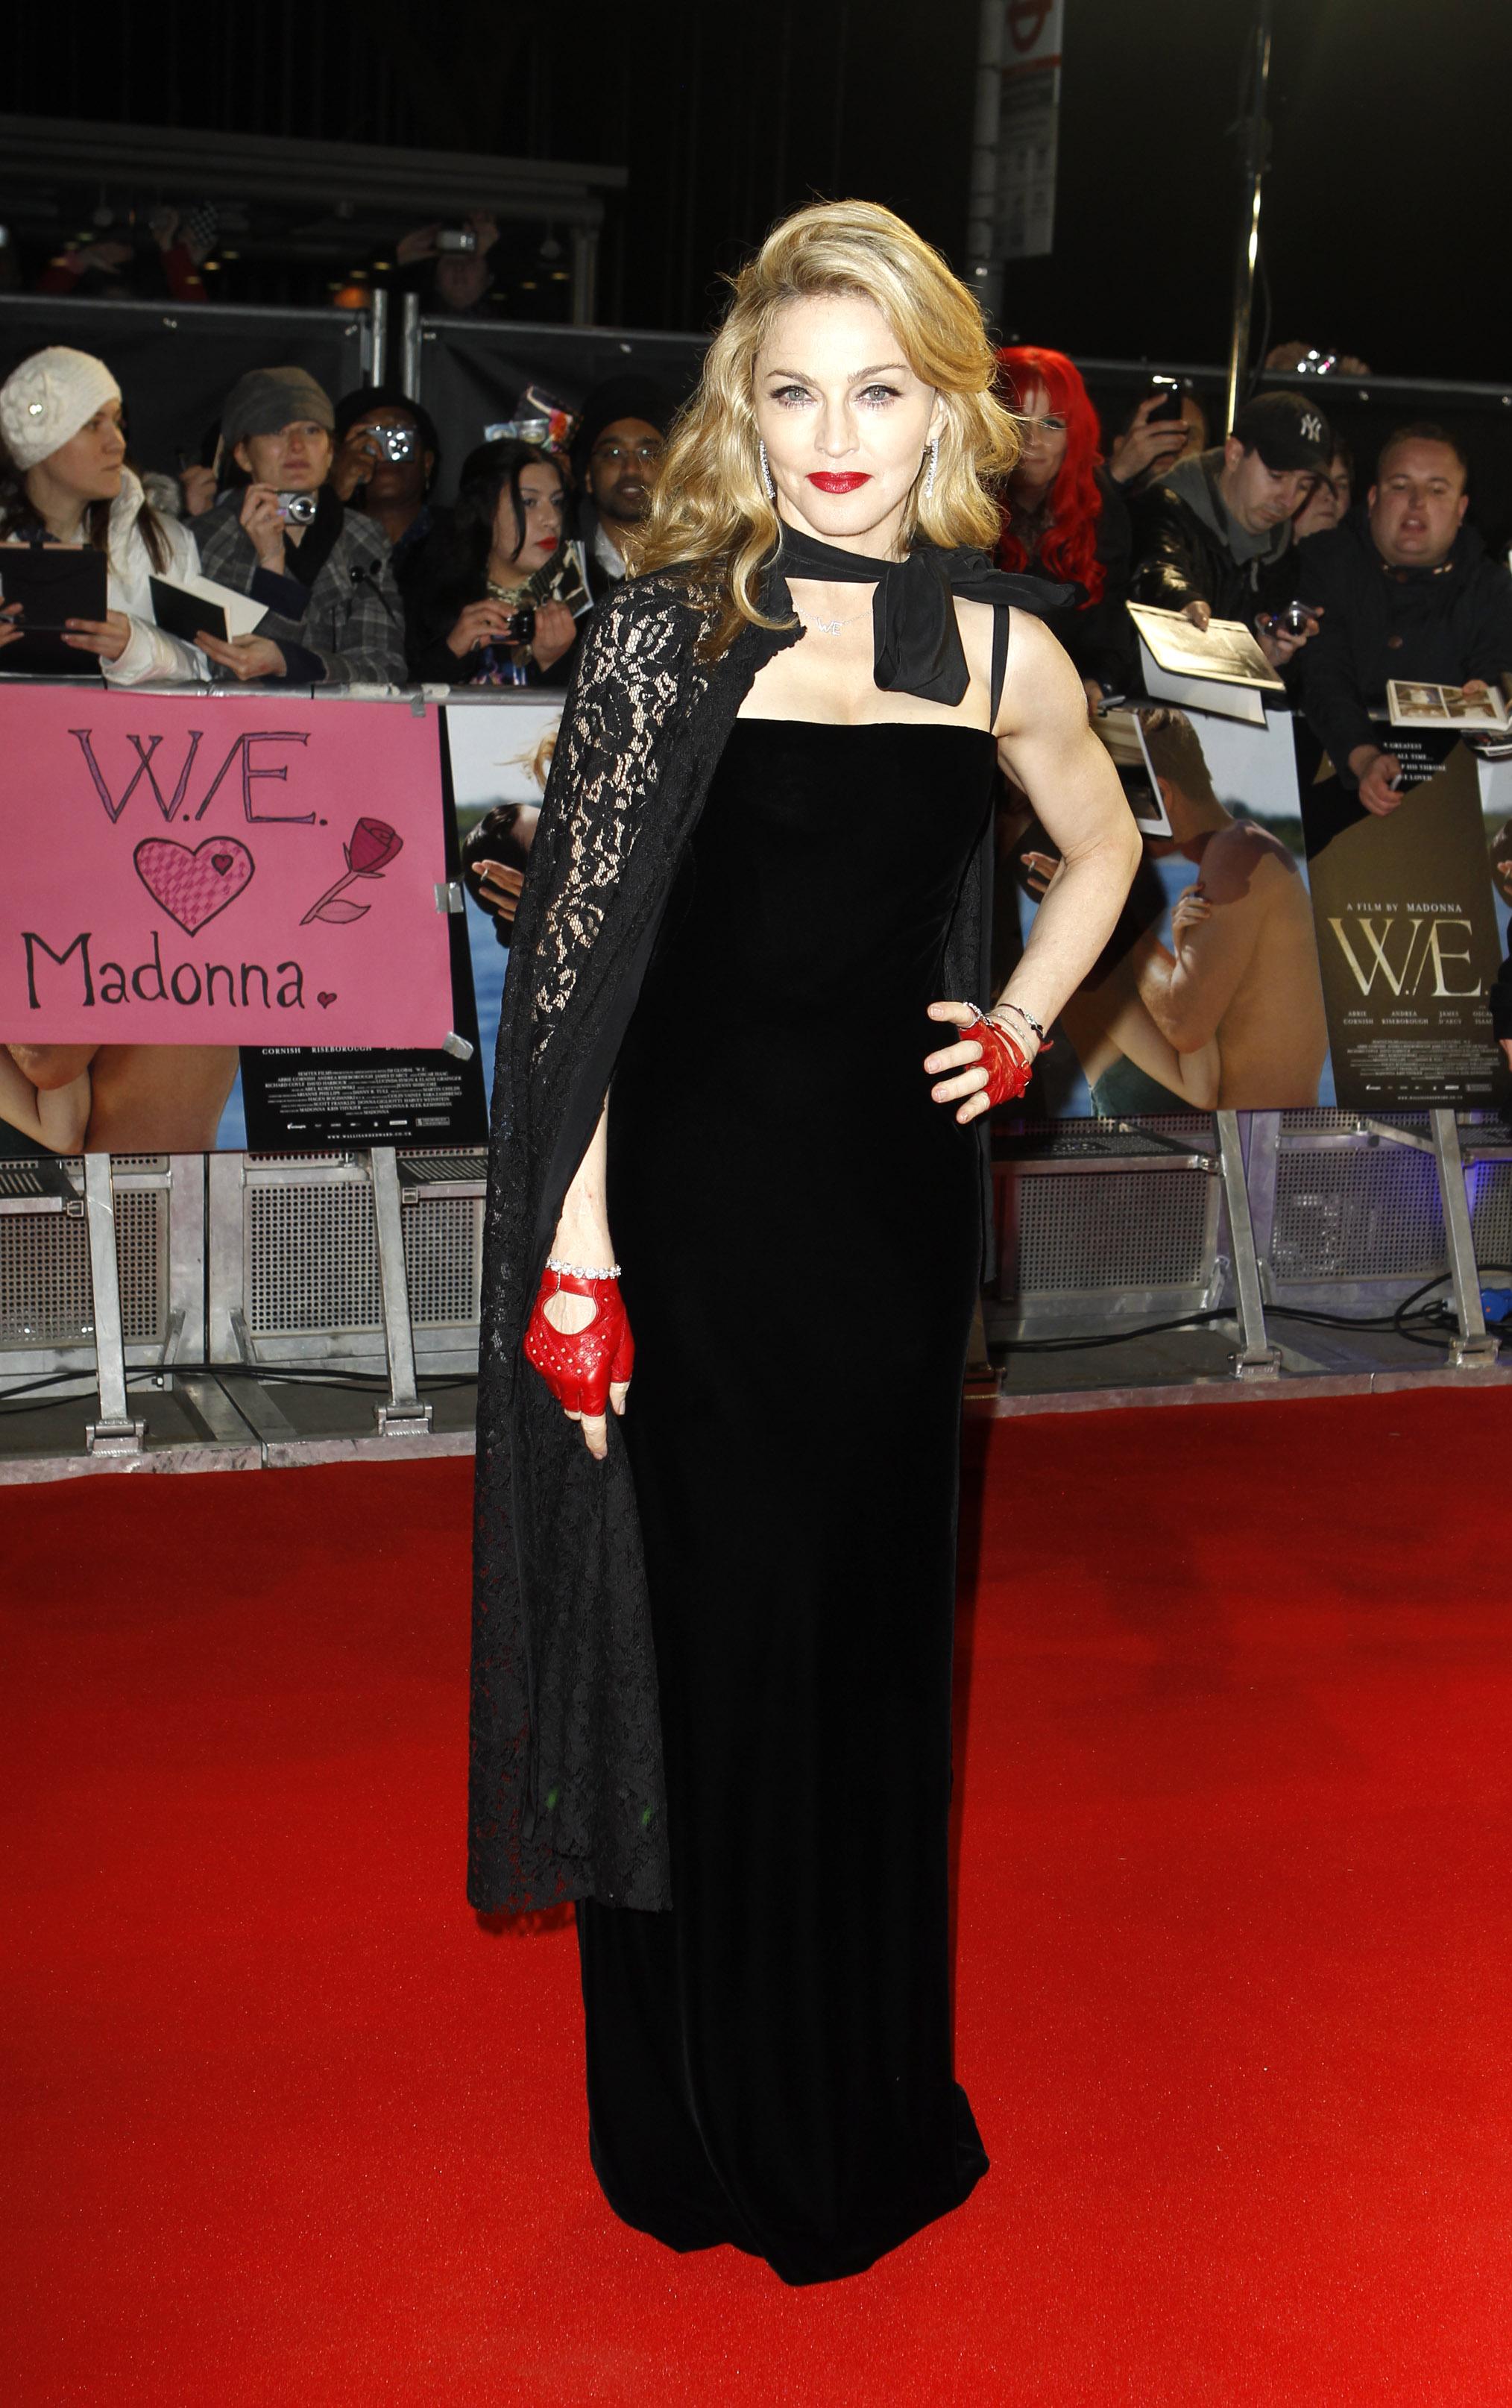 Madonna Age, Height, Net Worth, Children, Daughter